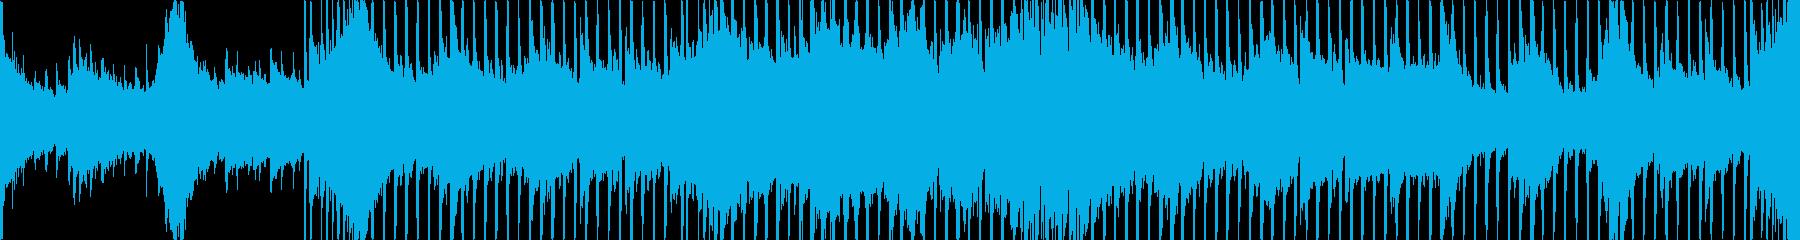 わくわくするような王道系の4打ちBGMの再生済みの波形